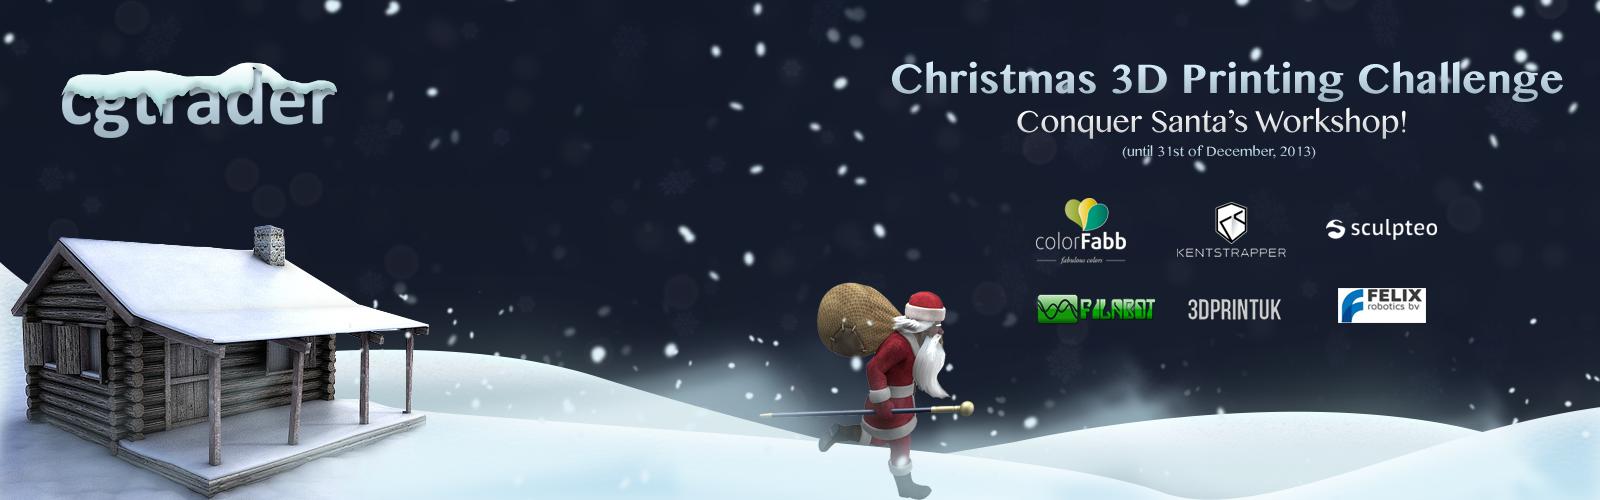 Christmas 3D Printing Challenge